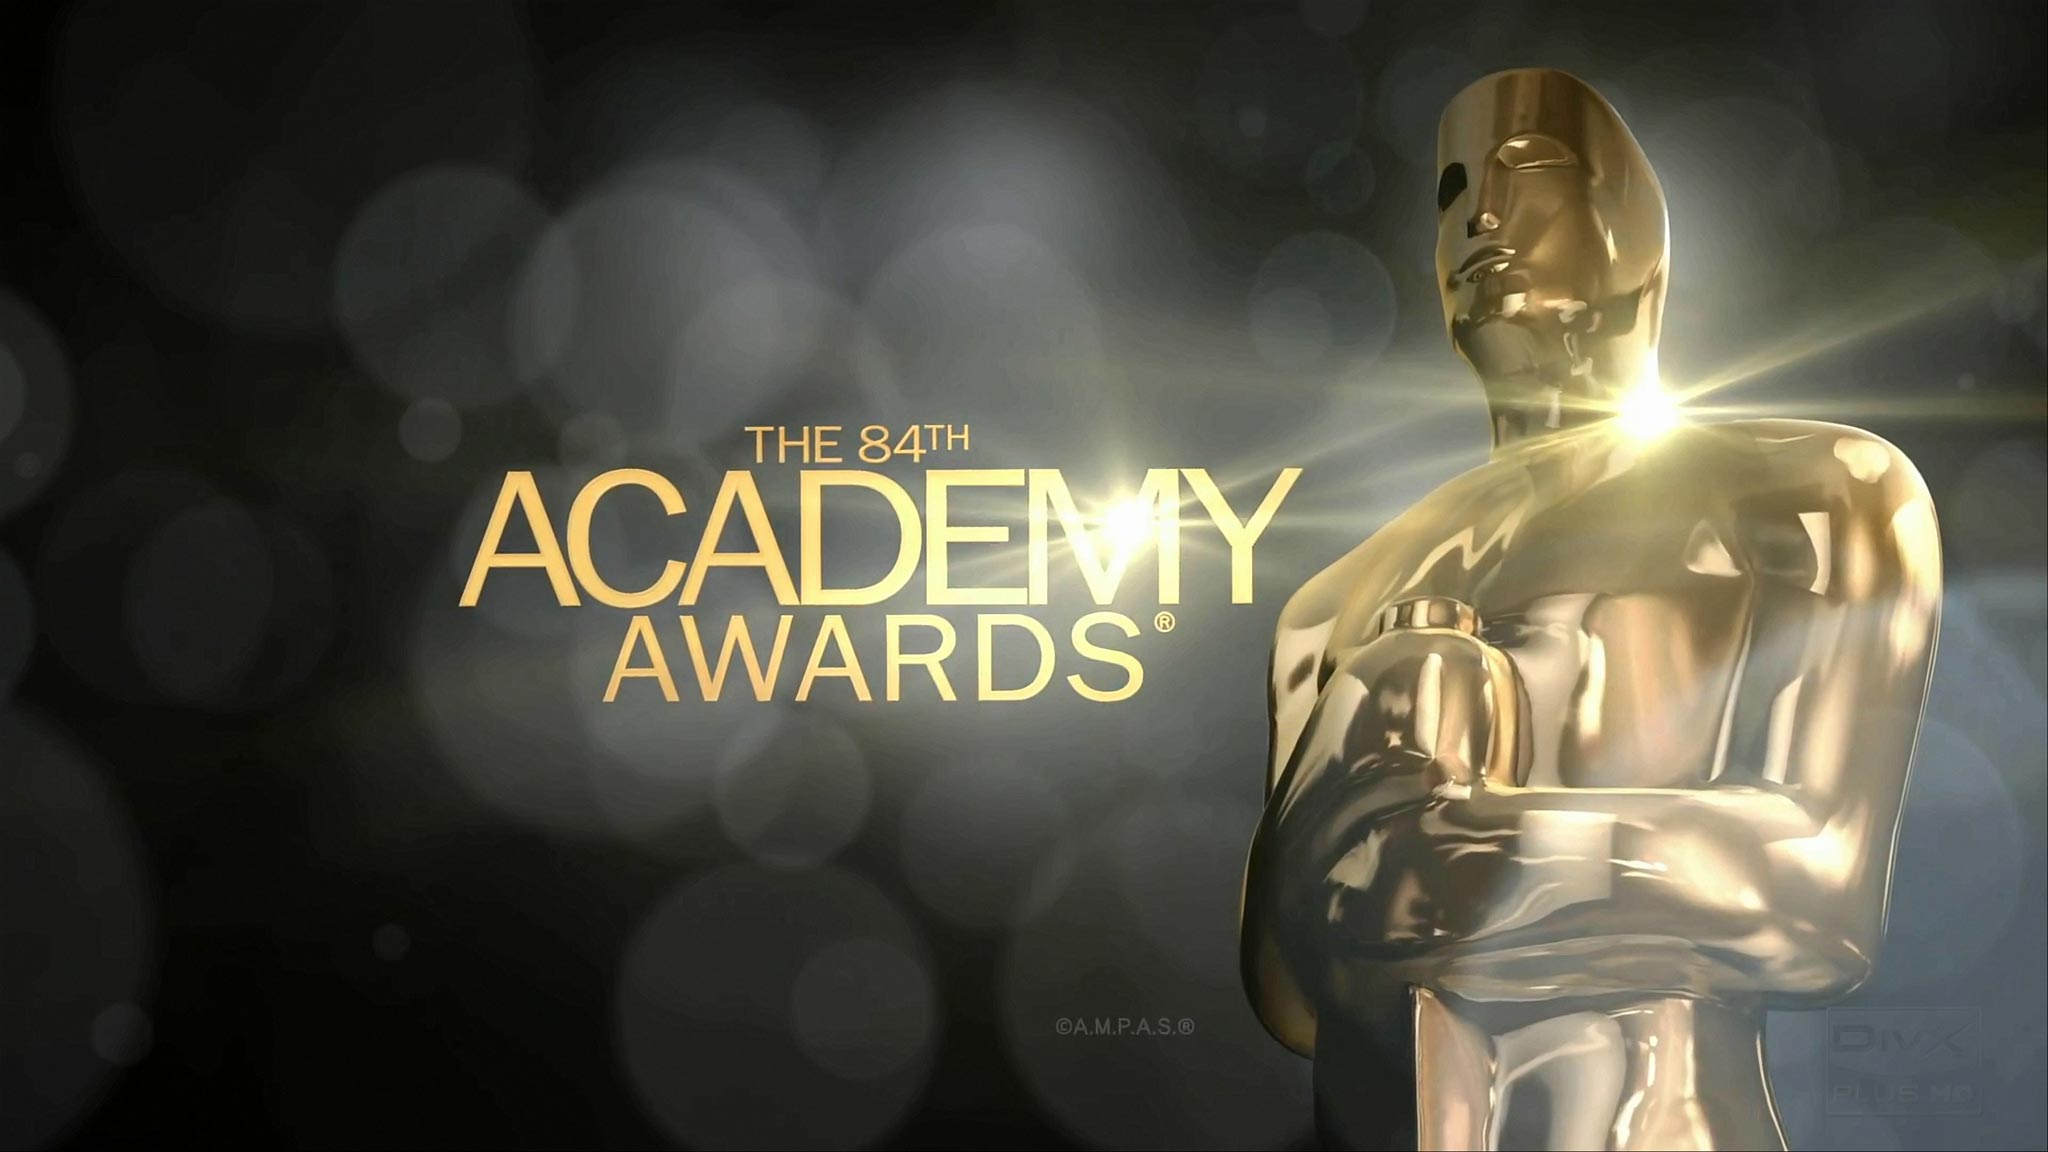 Церемония Оскар 2019 / Oscars 2019 Academy Awards Прямой эфир в ночь с 24 на 25 февраля 02:00 Мск / Трансляция Смотреть онлайн